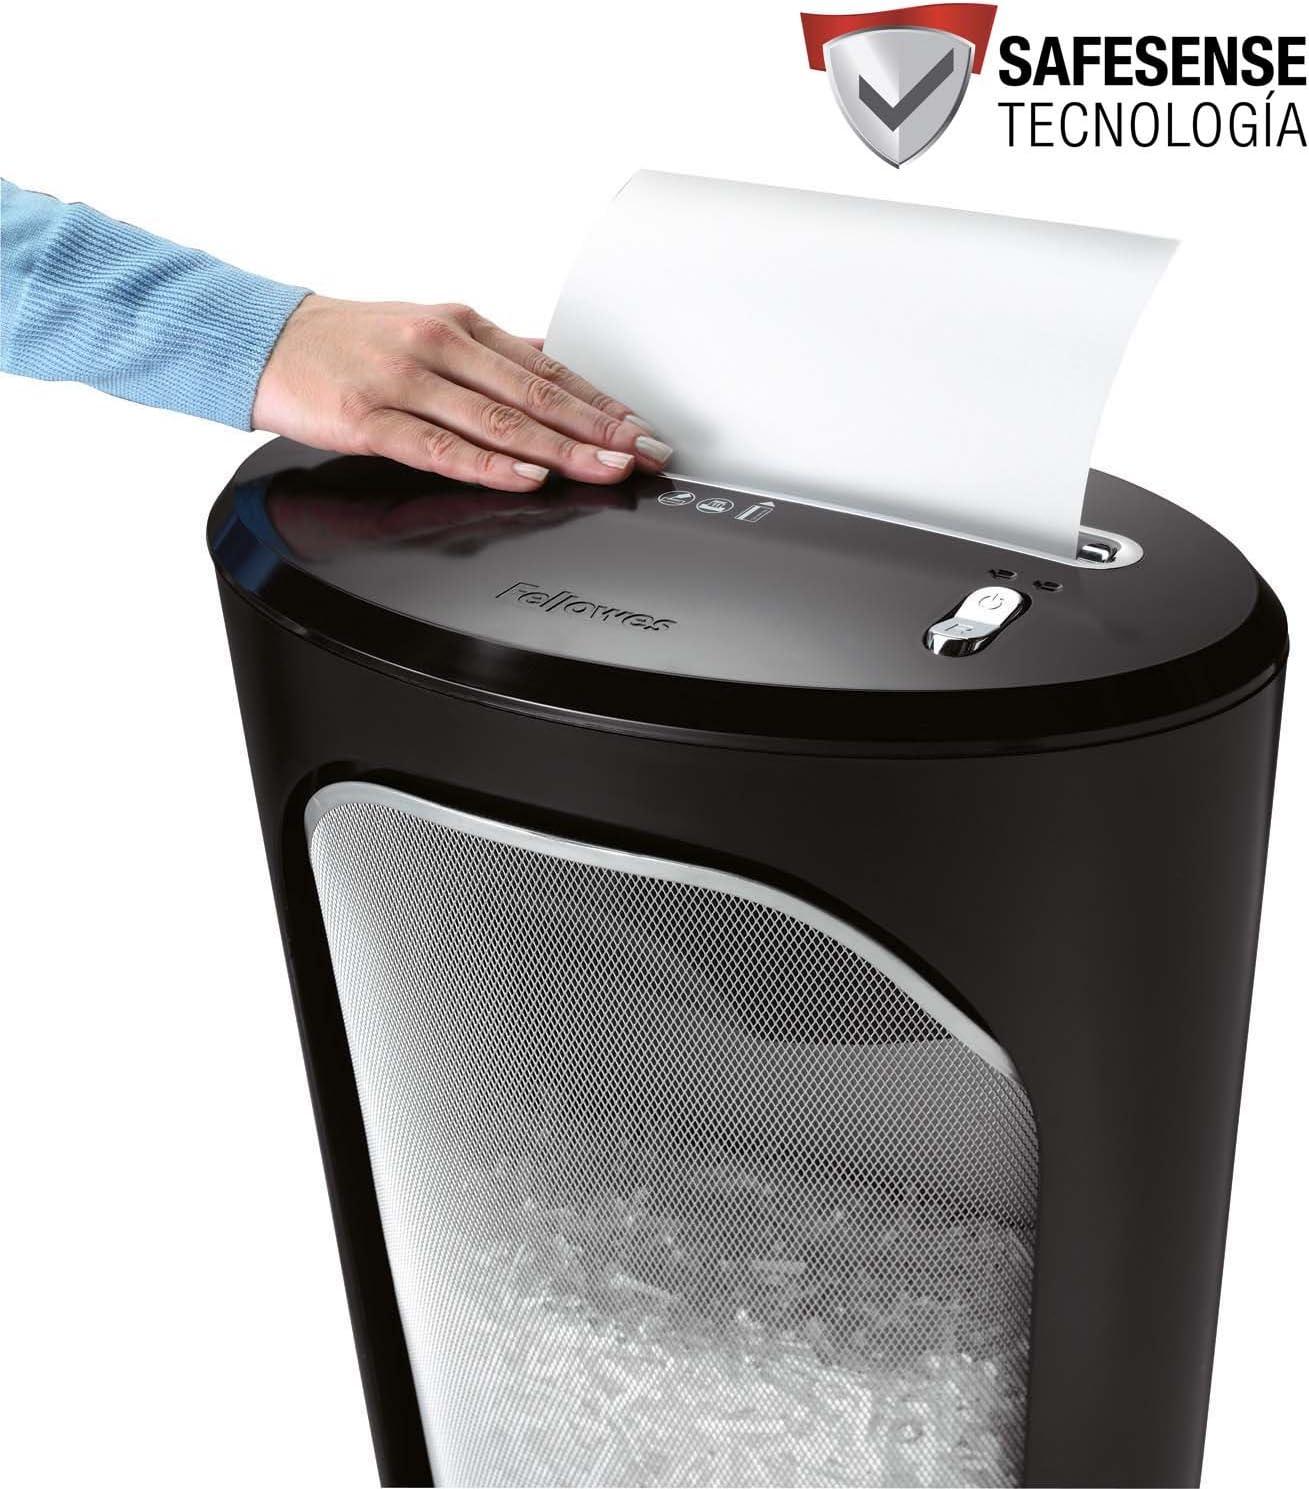 Fellowes DS-1 - Destructora trituradora de papel, corte en partículas, 11 hojas, color negro y plateado: Amazon.es: Oficina y papelería